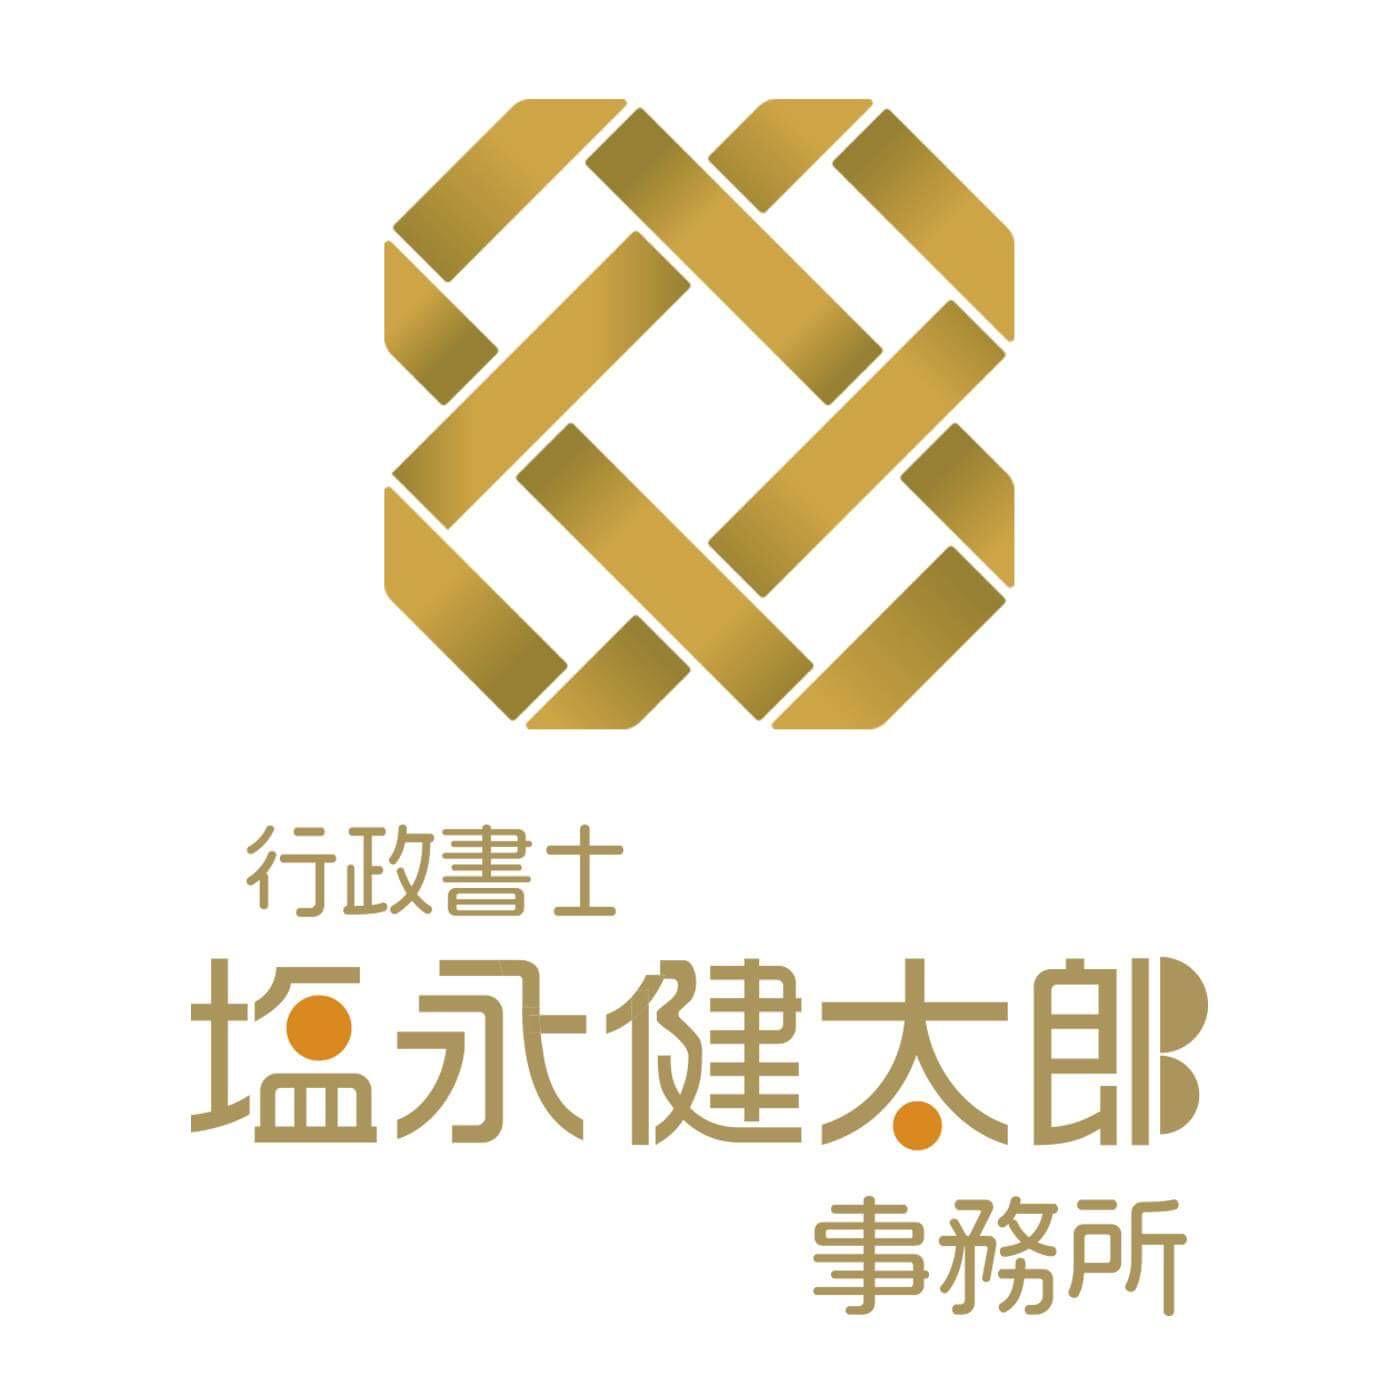 行政書士塩永健太郎事務所(熊本)